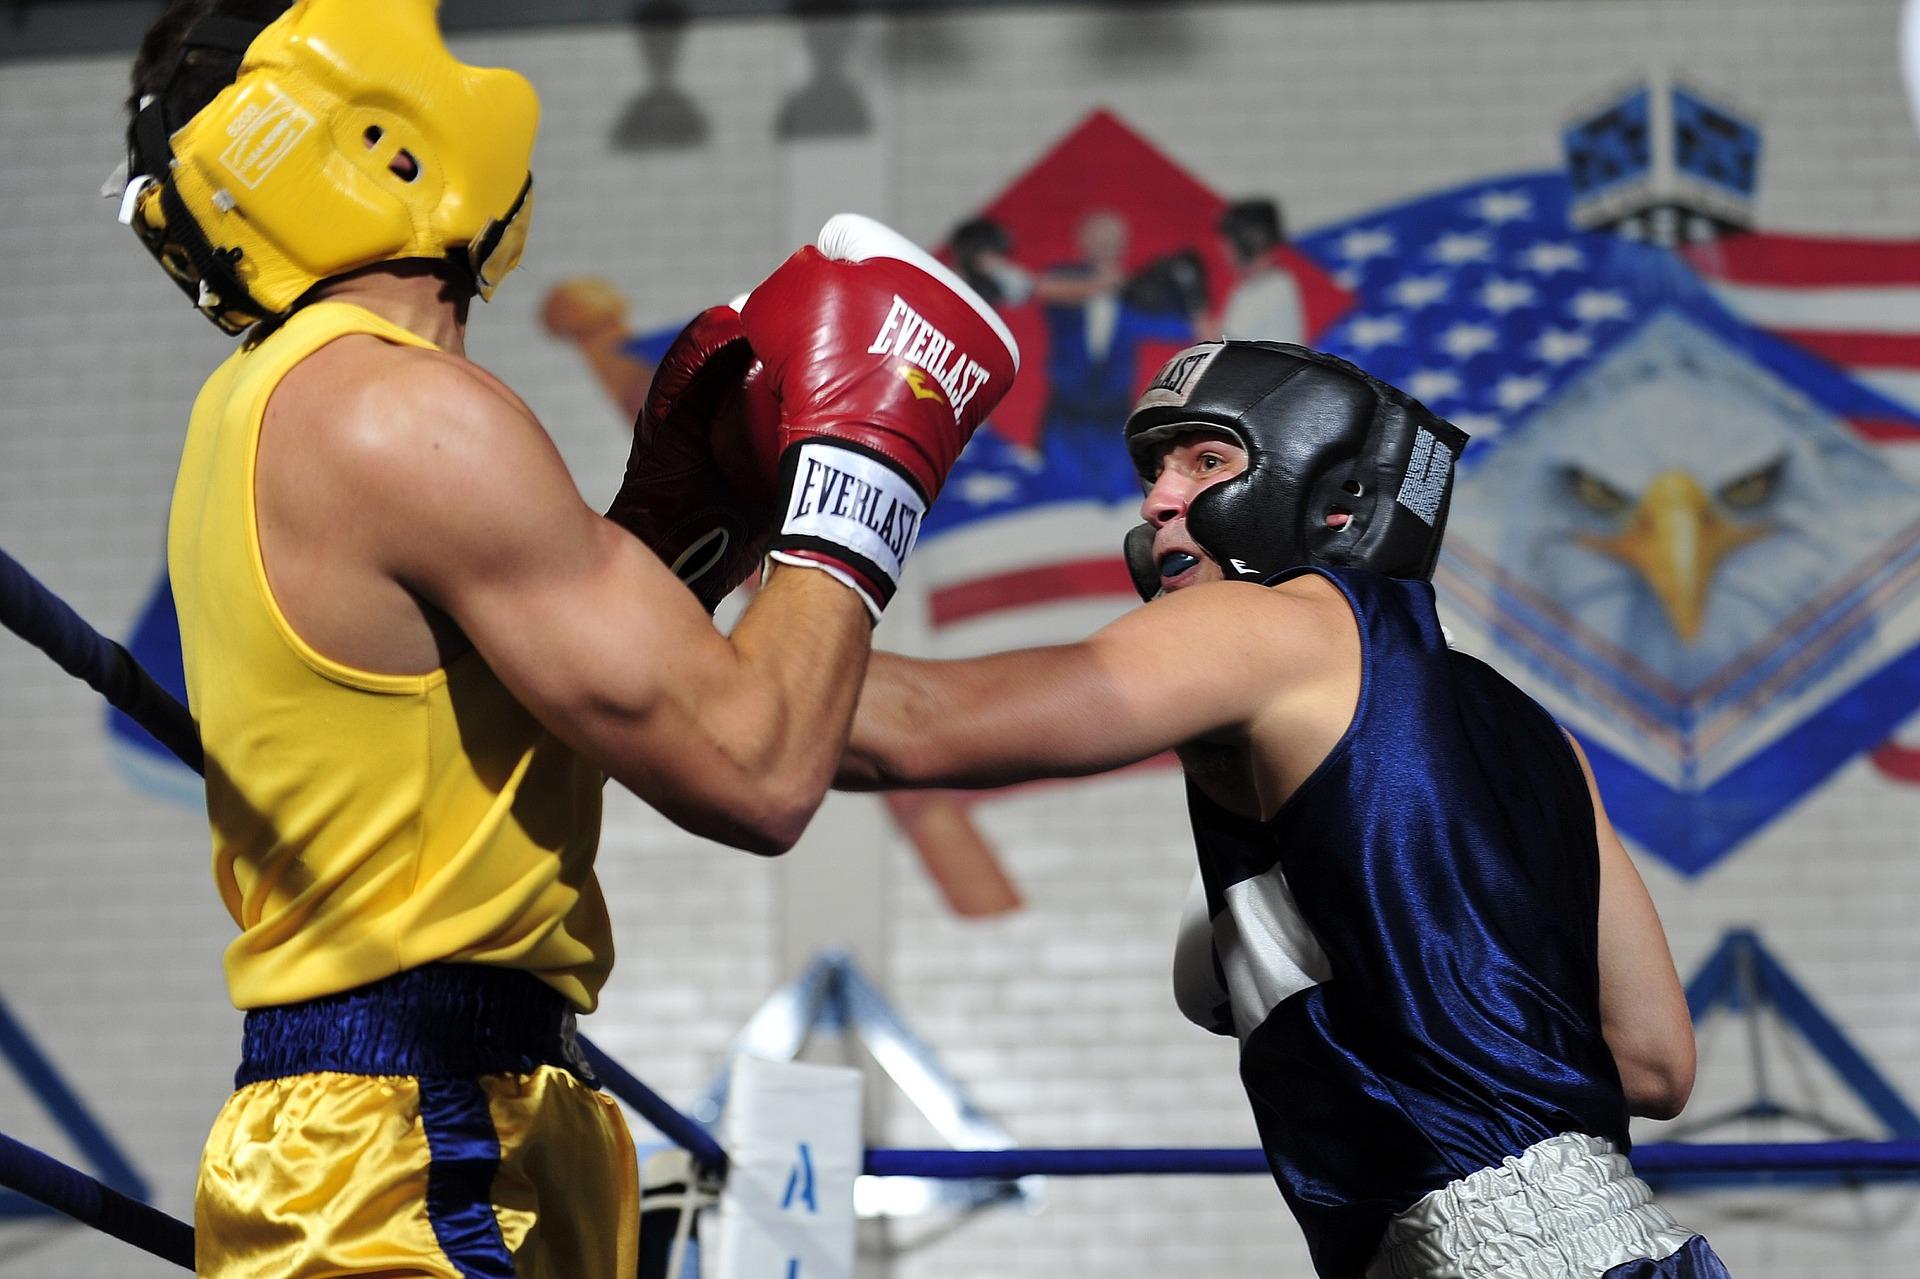 Imagem mostra dois homens lutando boxe.